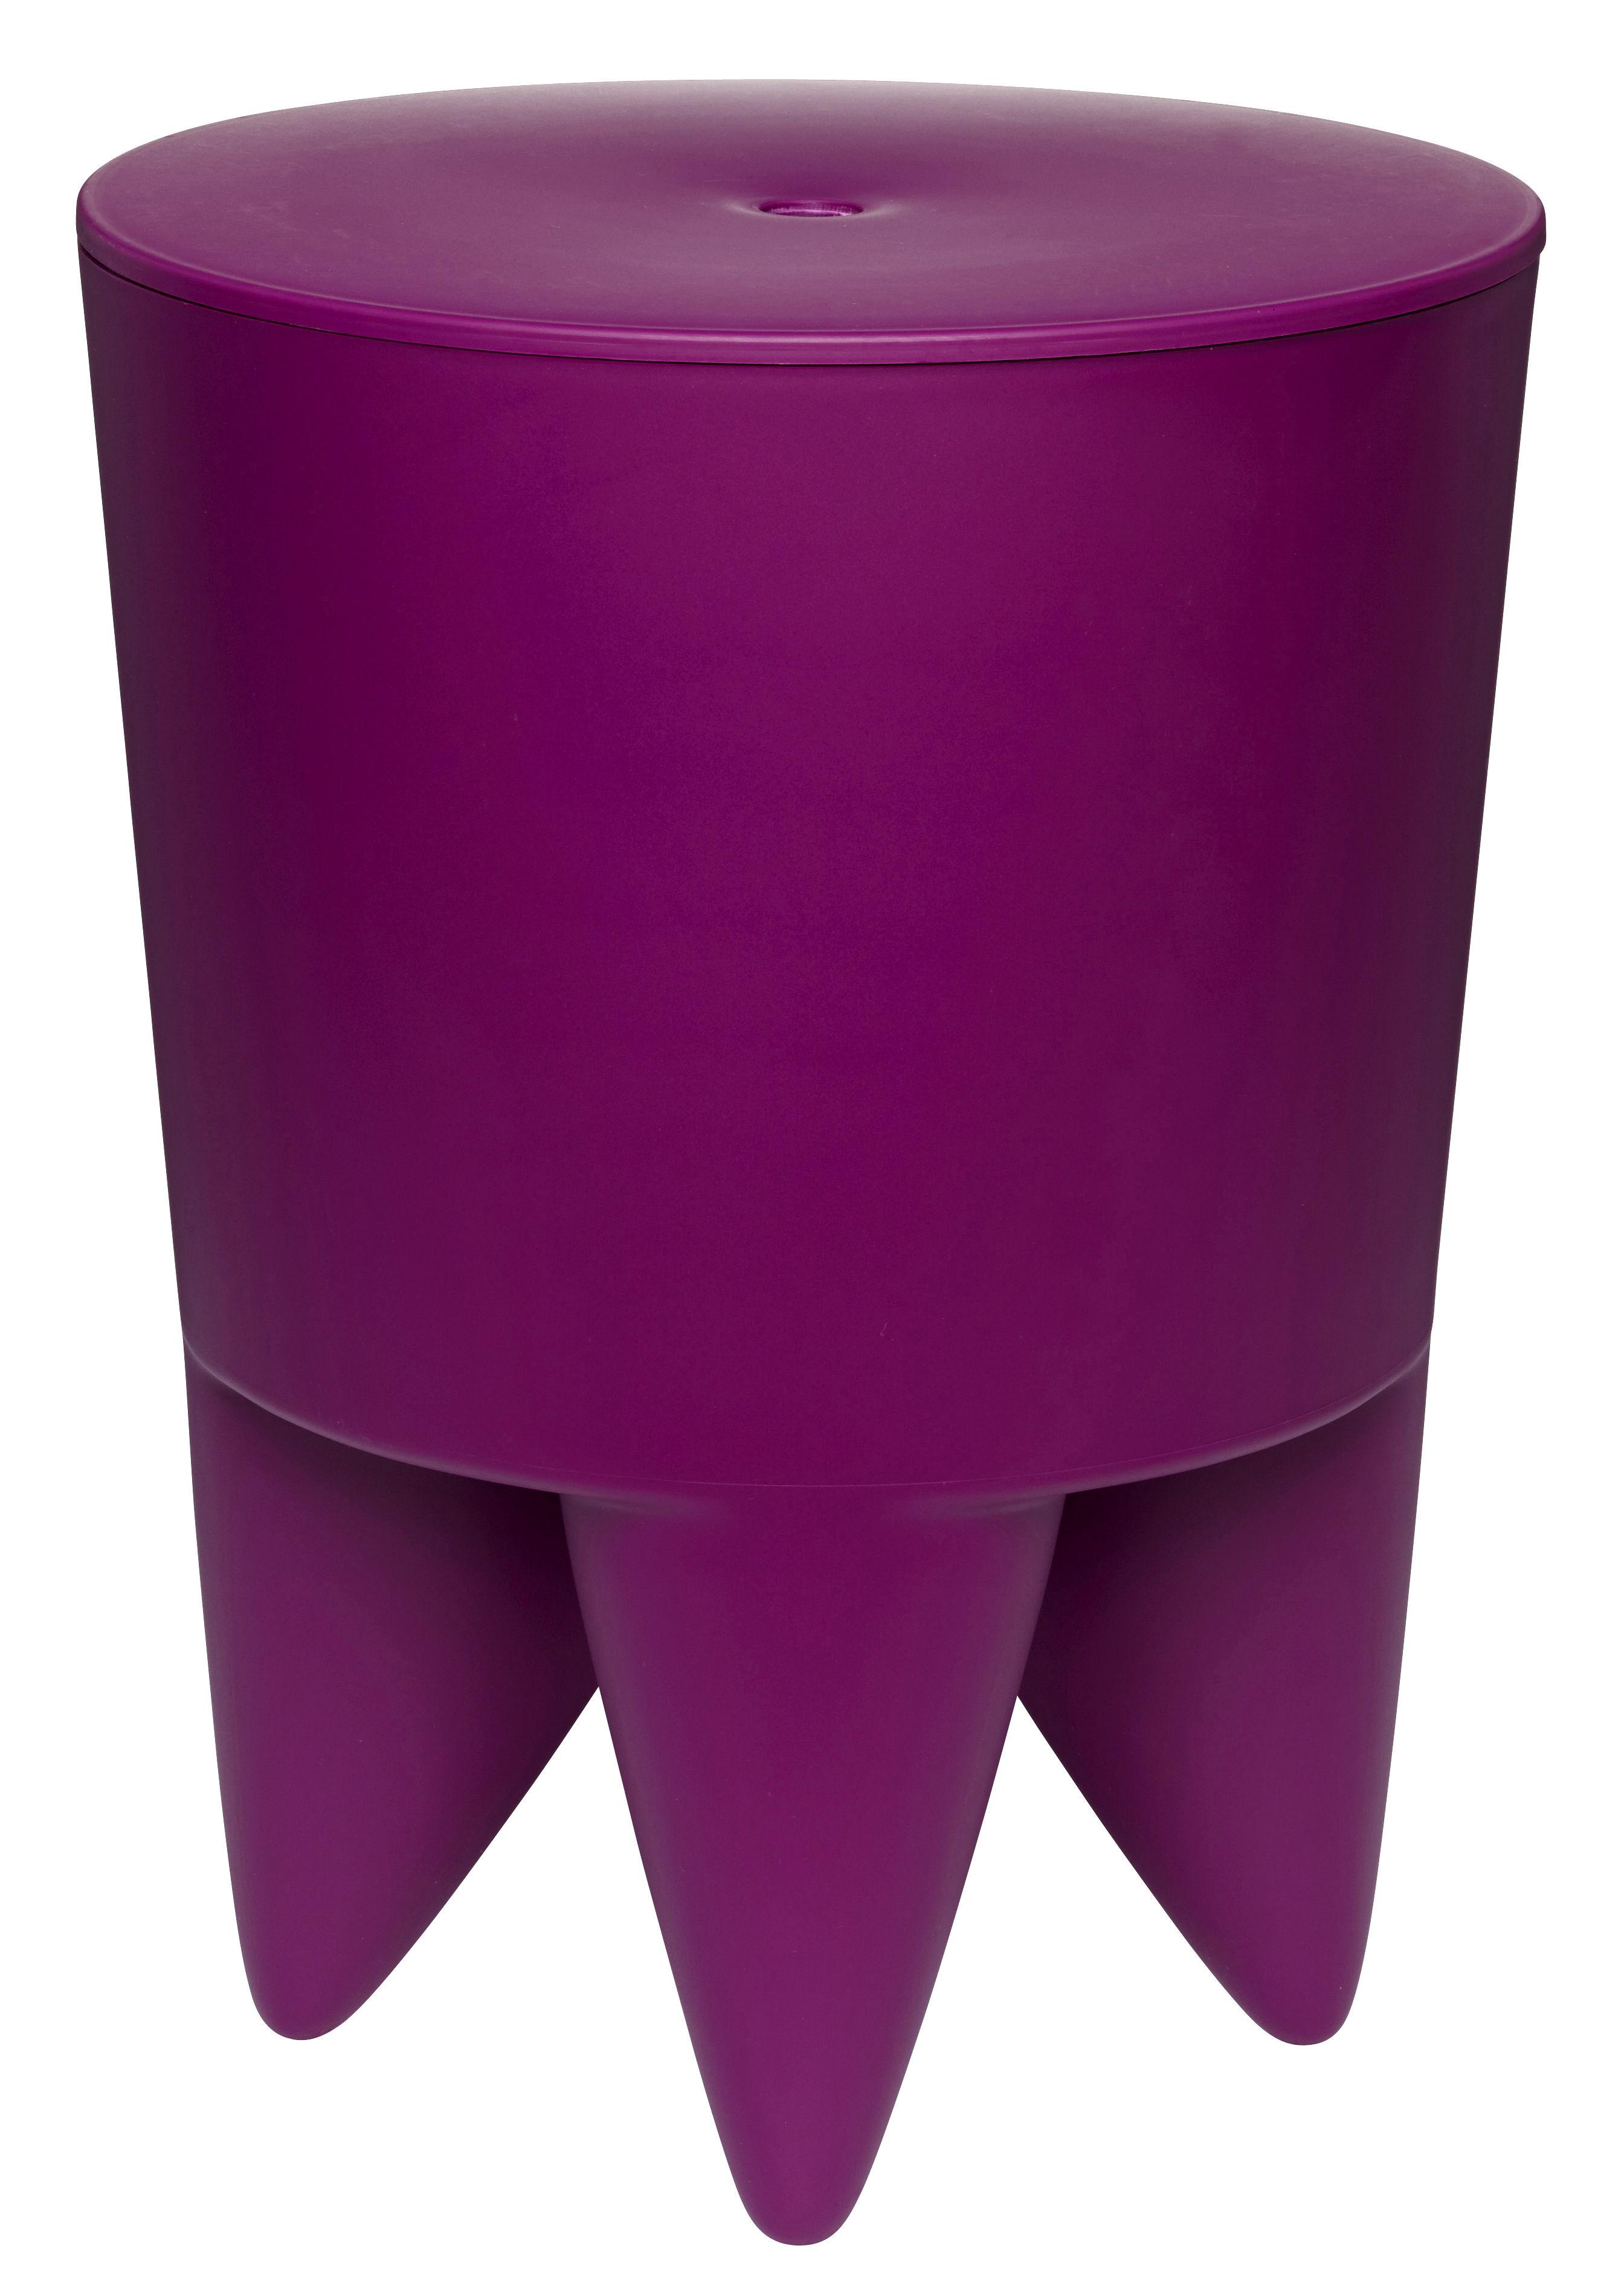 Mobilier - Tabourets bas - Tabouret New Bubu 1er / Coffre - Plastique - XO - Orchidée - Polypropylène